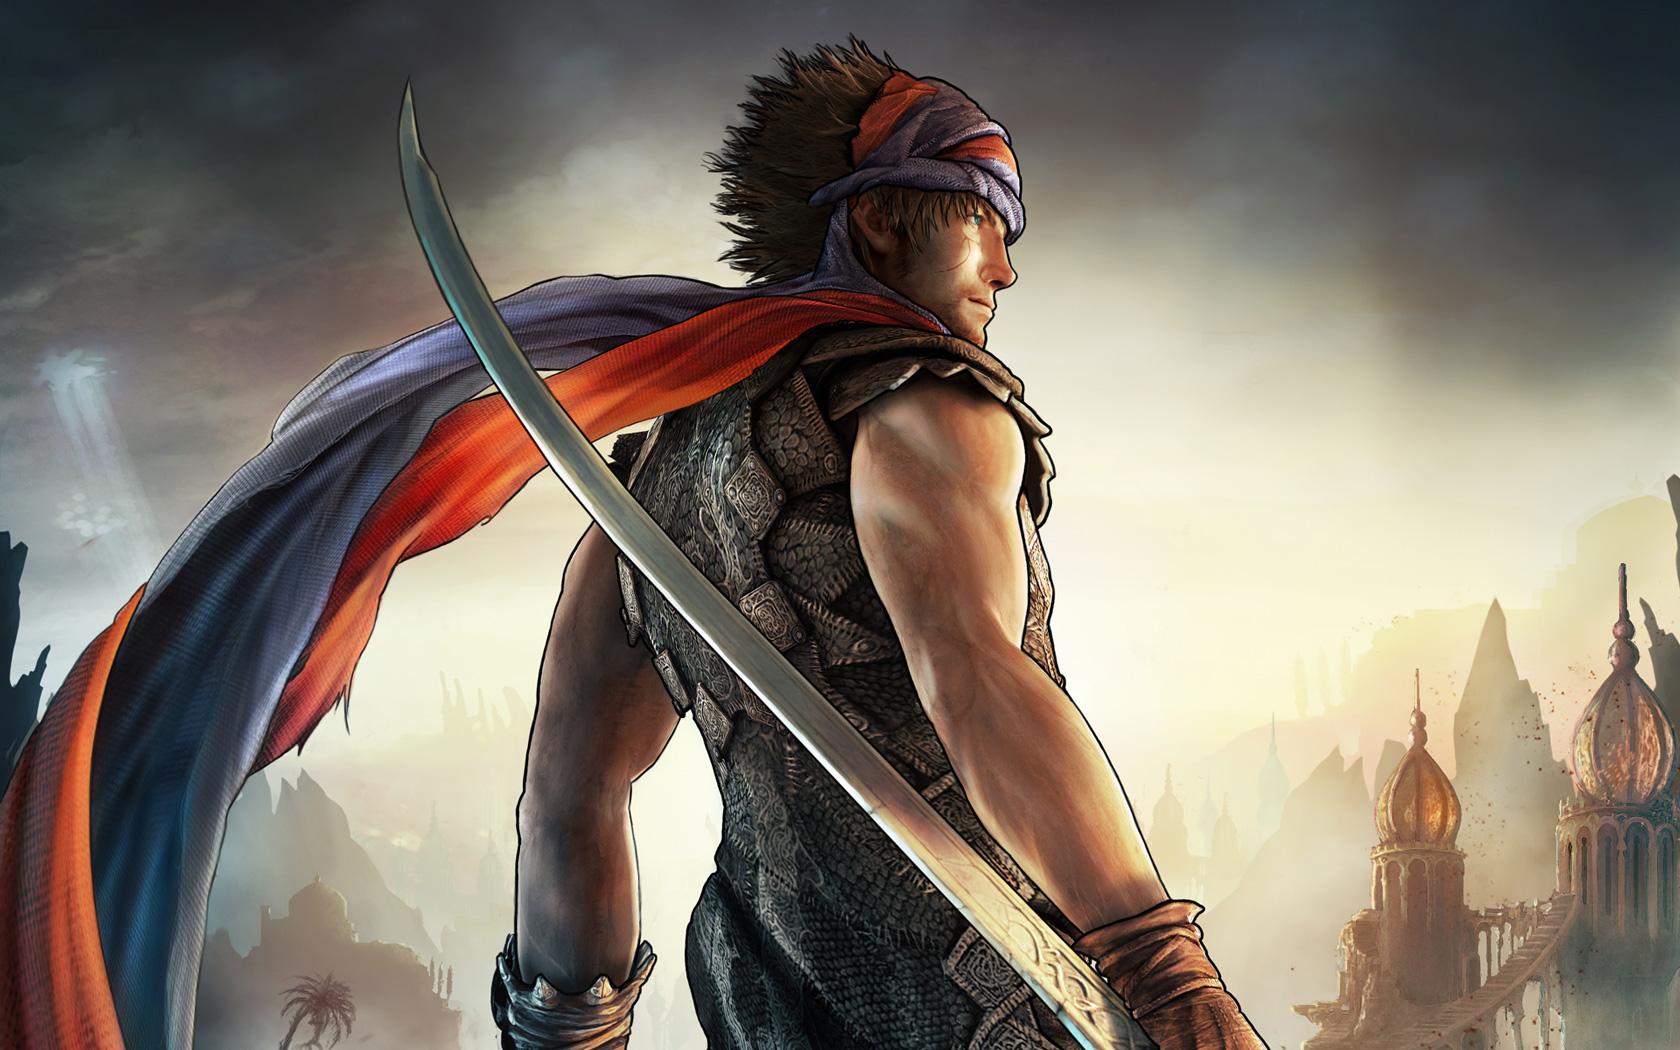 48 Prince Of Persia 2008 Wallpaper On Wallpapersafari